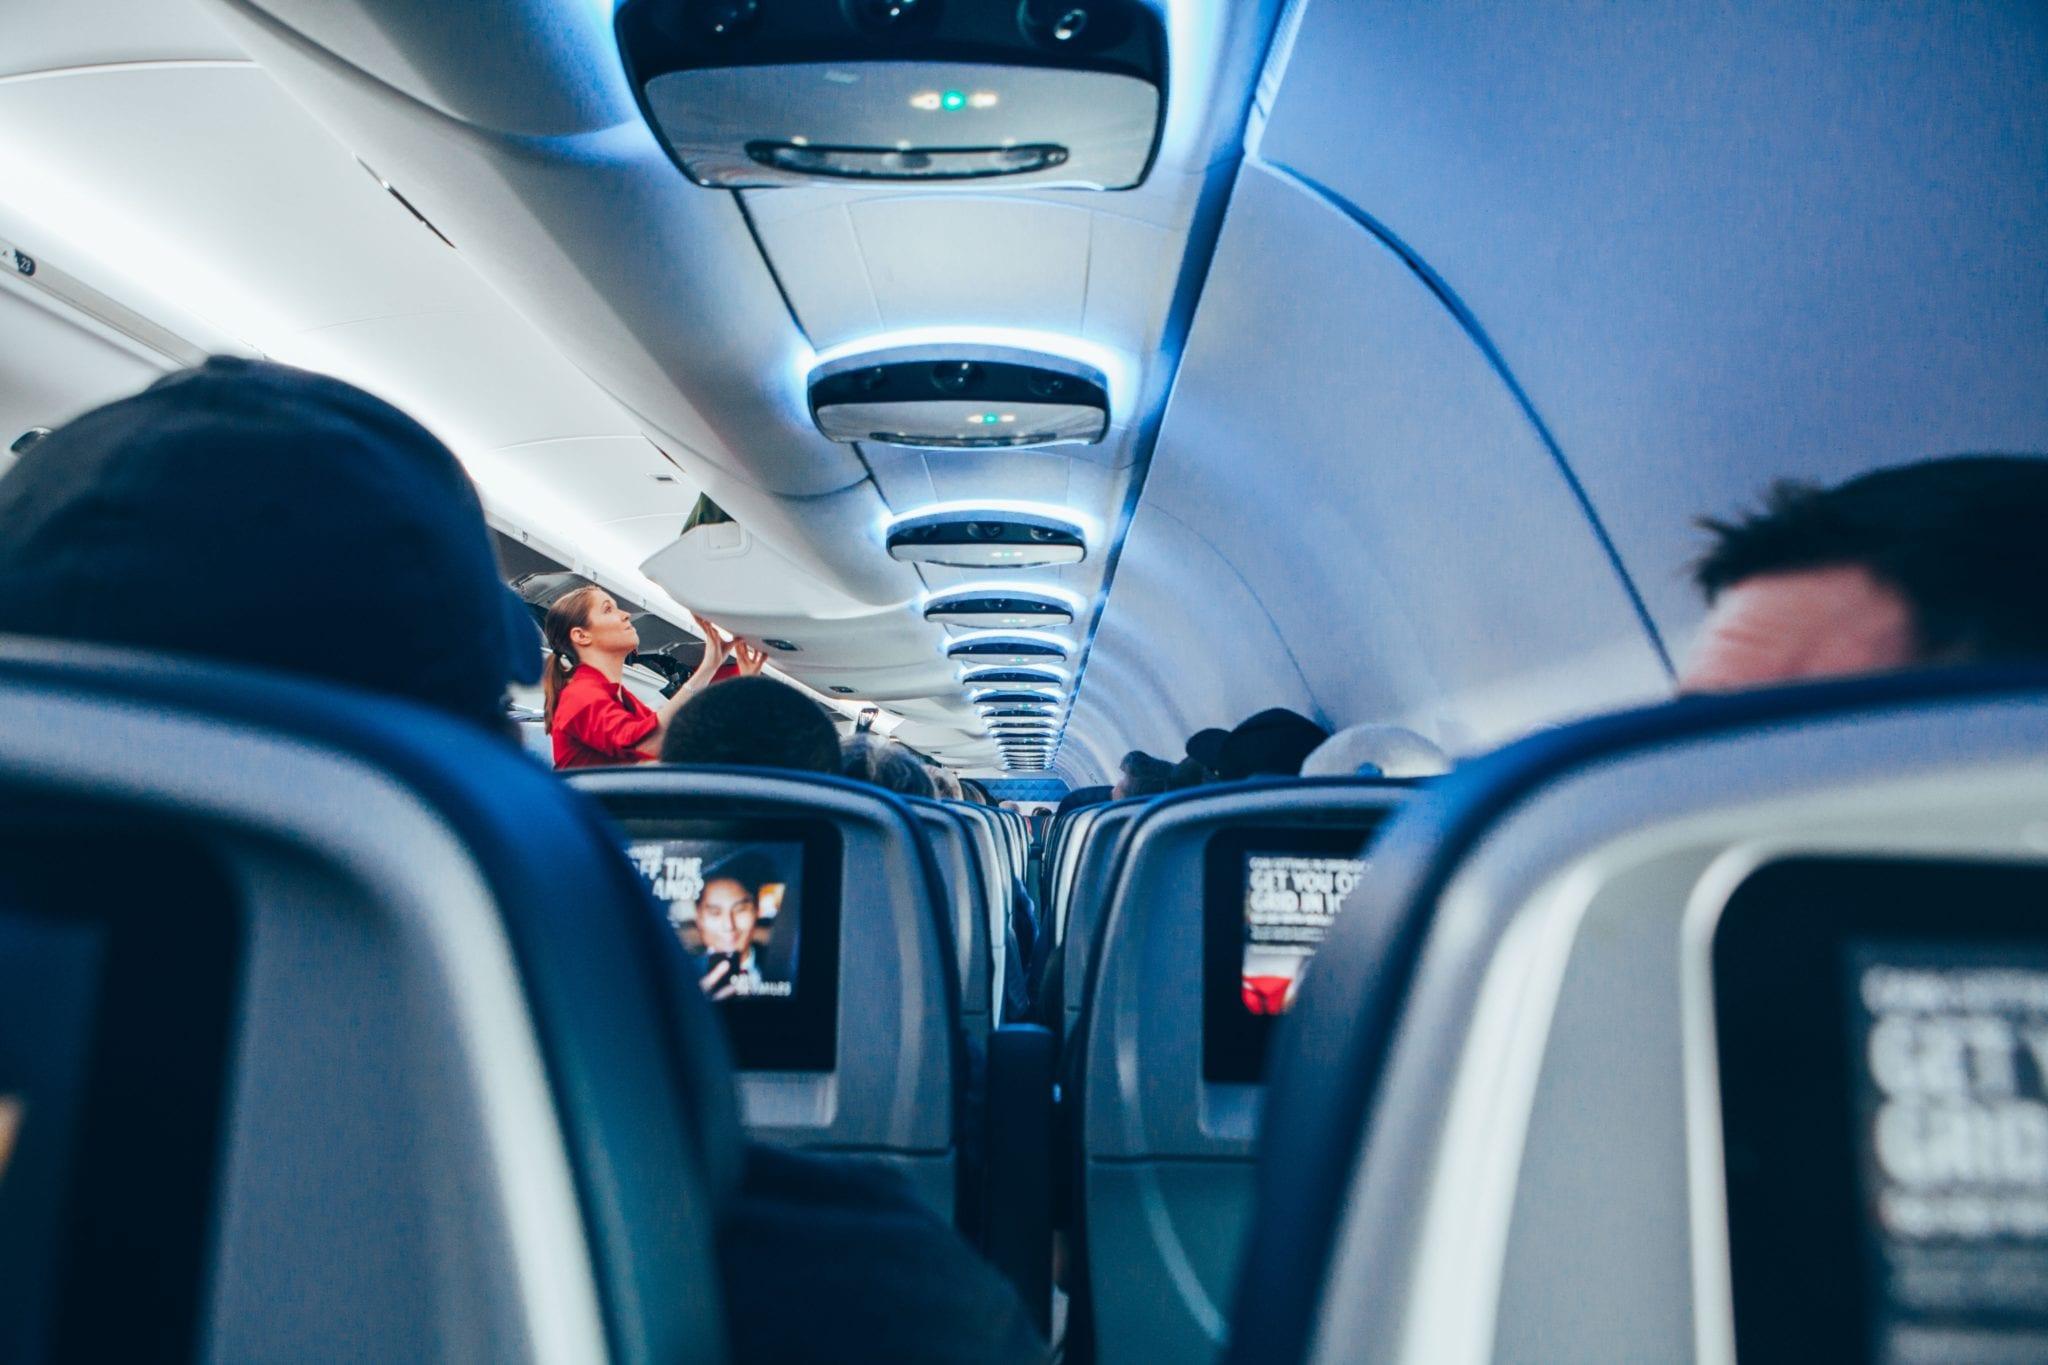 วิธีจัดกระเป๋าเดินทาง จัดกระเป๋าเดินทางขึ้นเครื่องบินครั้งแรก ของเหลวขึ้นเครื่อง จัดกระเป๋าเดินทาง